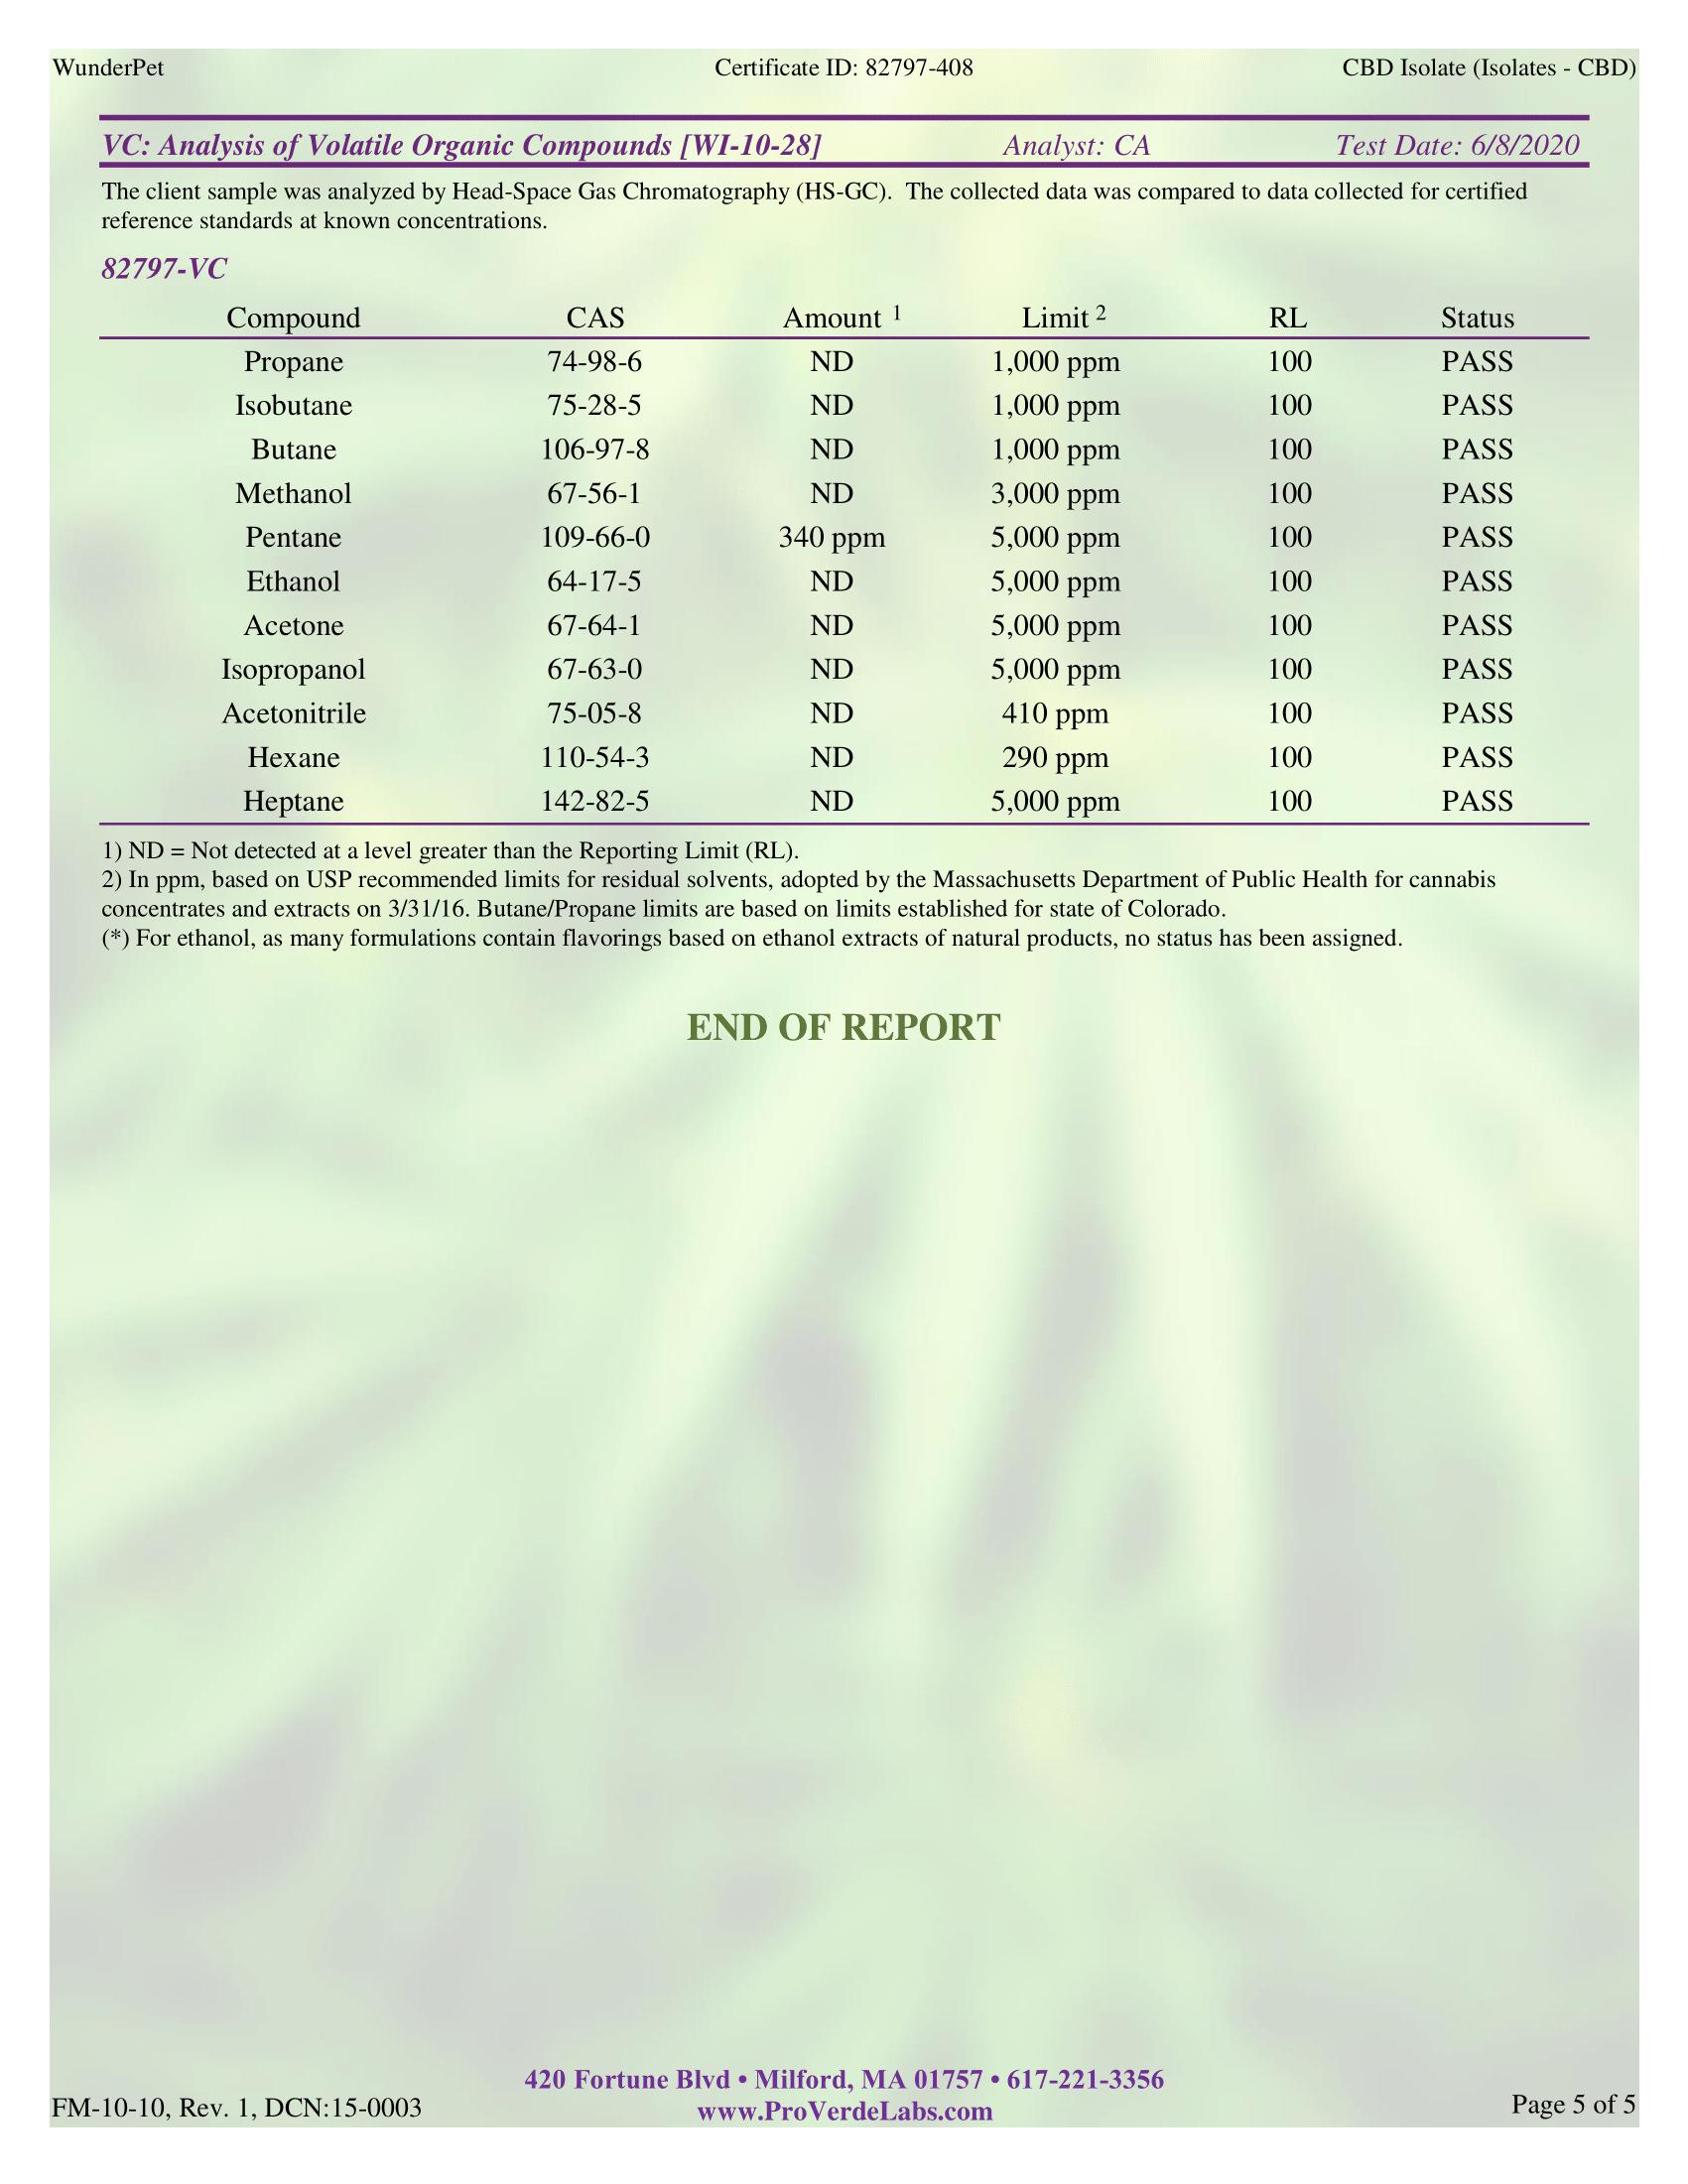 results.ashx-5